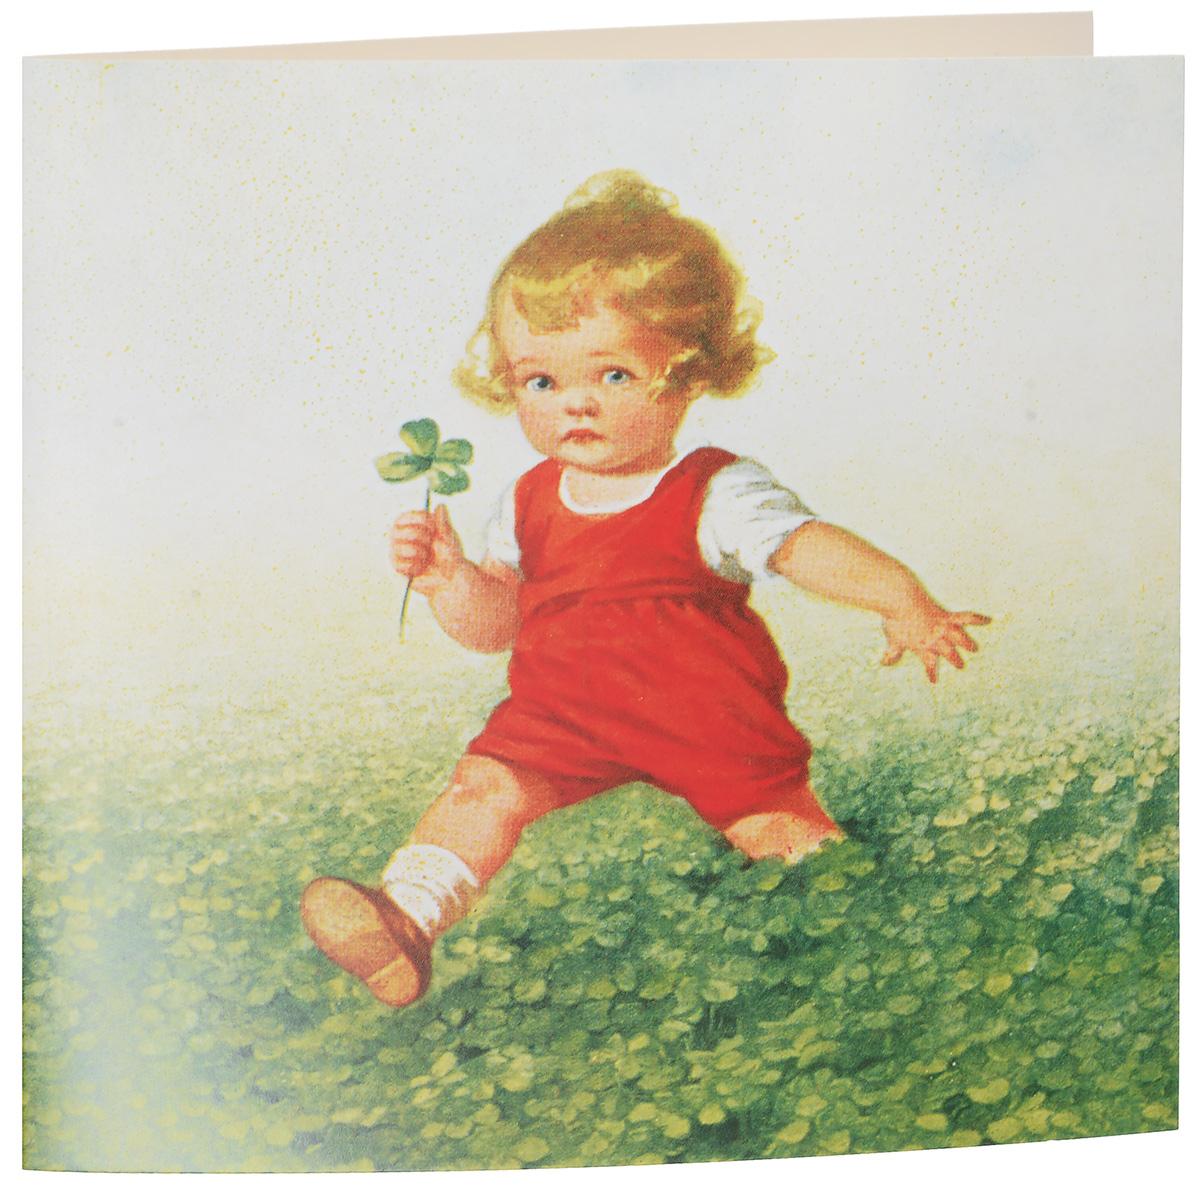 Открытка поздравительная Darinchi № 35, формат А5. Авторская работа681Замечательная поздравительная открытка.